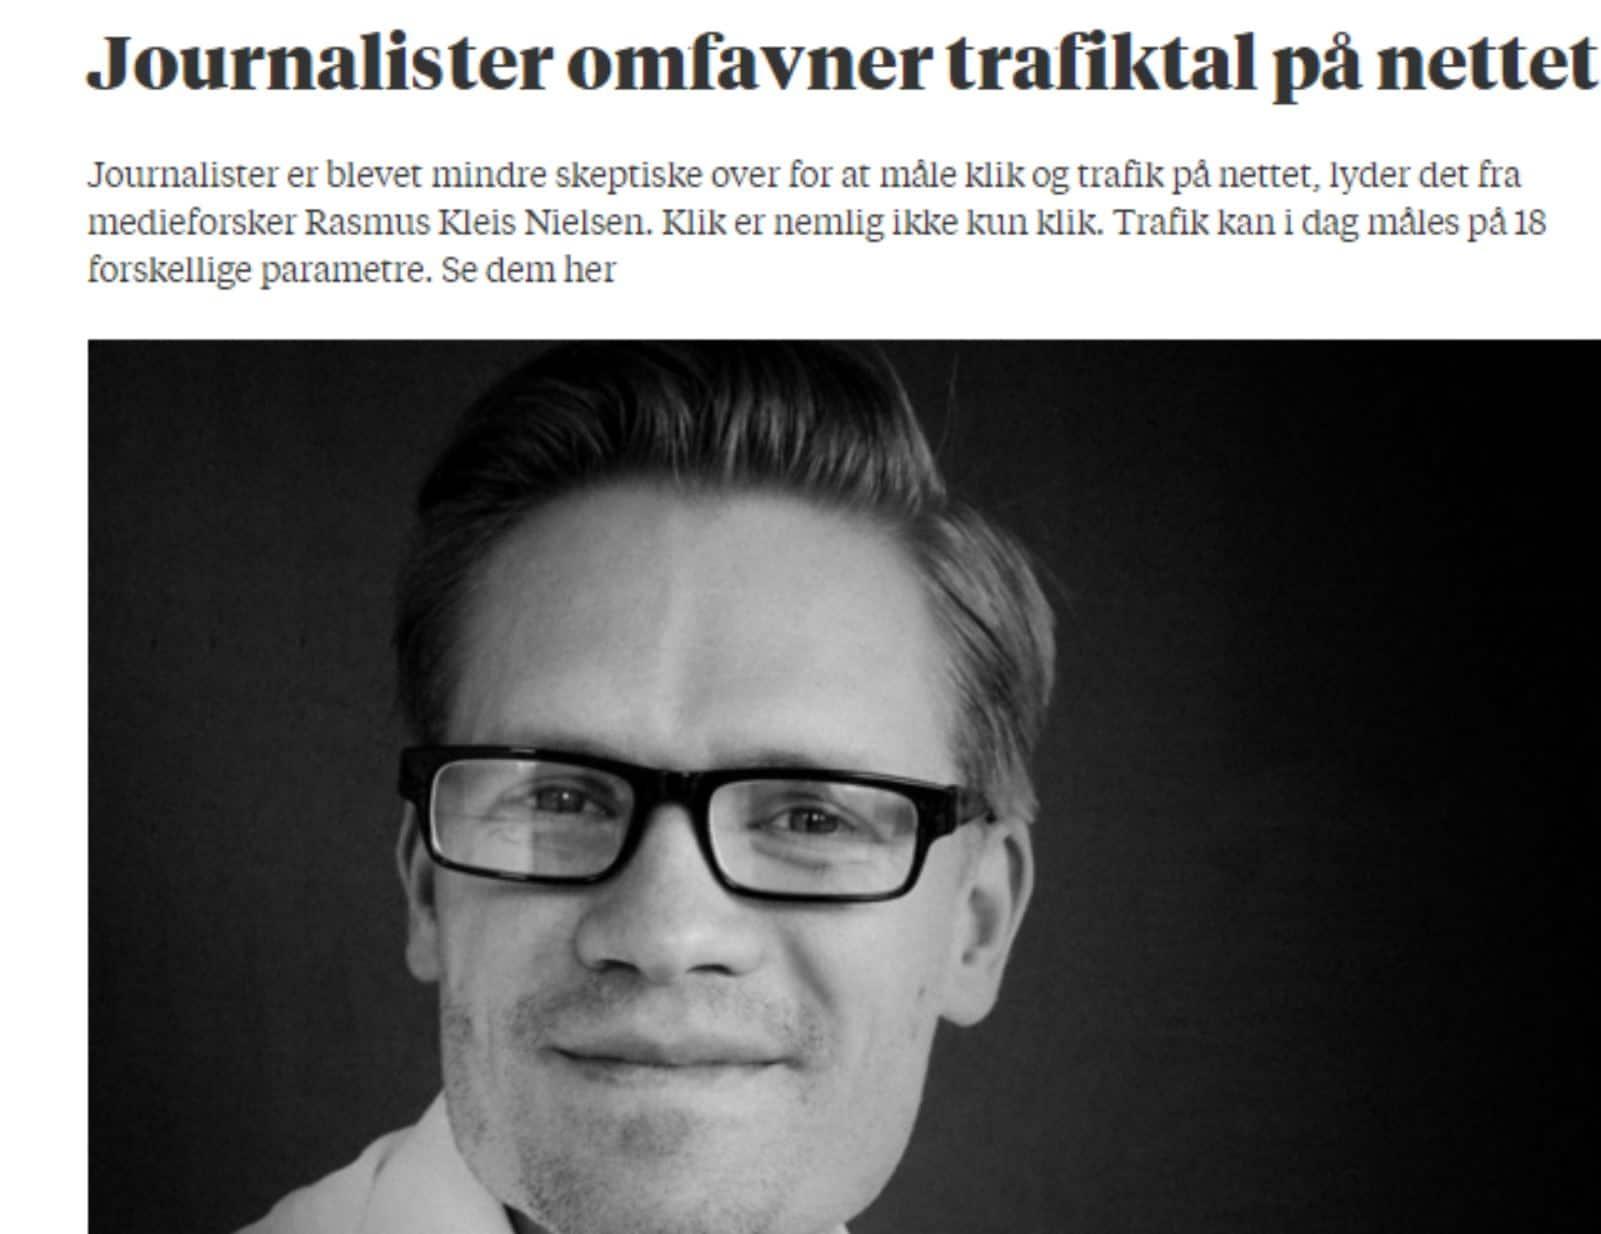 Journalister omfavner trafiktal på nettet